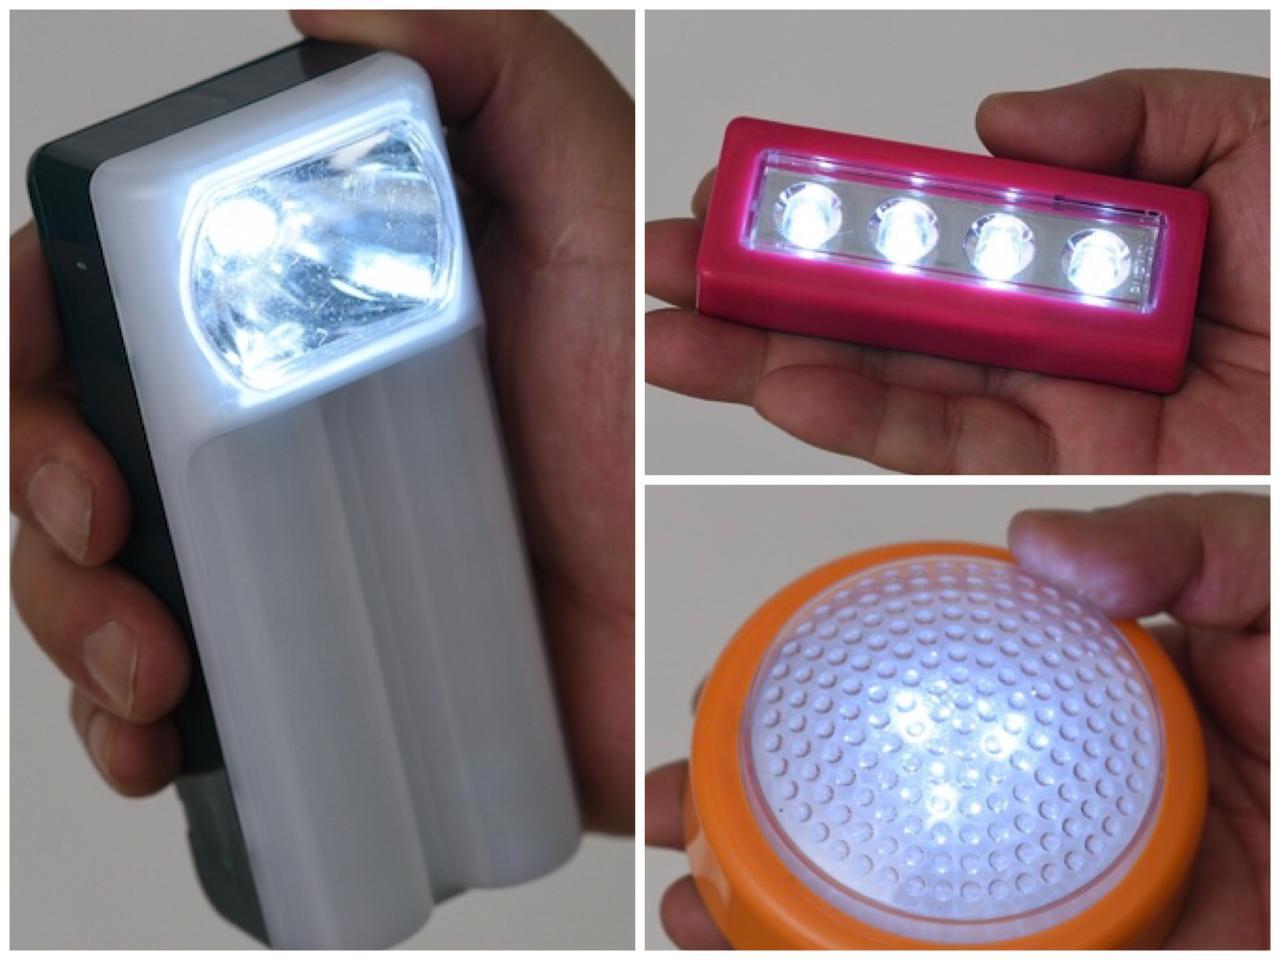 画像: ダイソーのランタン&ライト8製品をインプレッション! 車中泊での使い勝手を検証! - アウトドア情報メディア「SOTOBIRA」